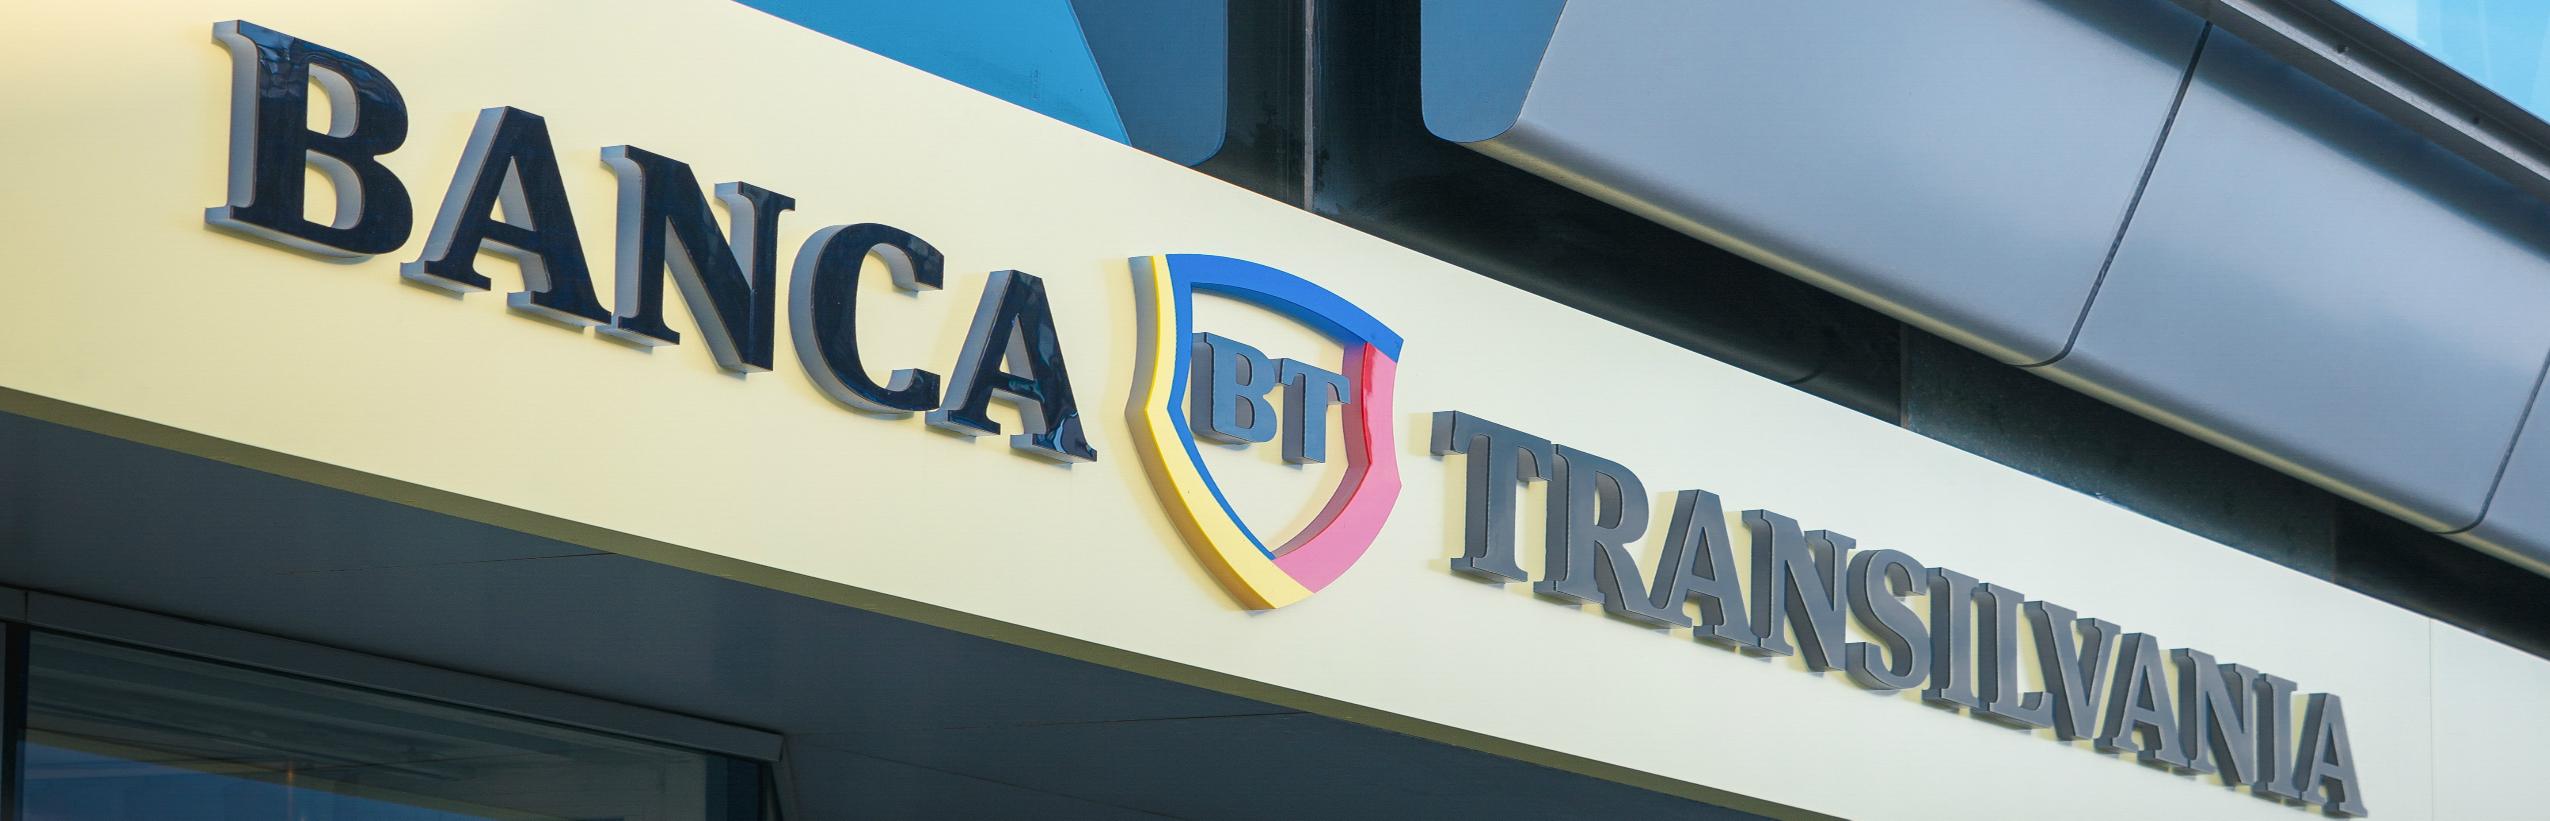 Negocierile exclusive dintre Eurobank si Banca Transilvania inainteaza, iar partile se pregatesc pentru parcurgerea ultimelor etape in vederea semnarii acordului